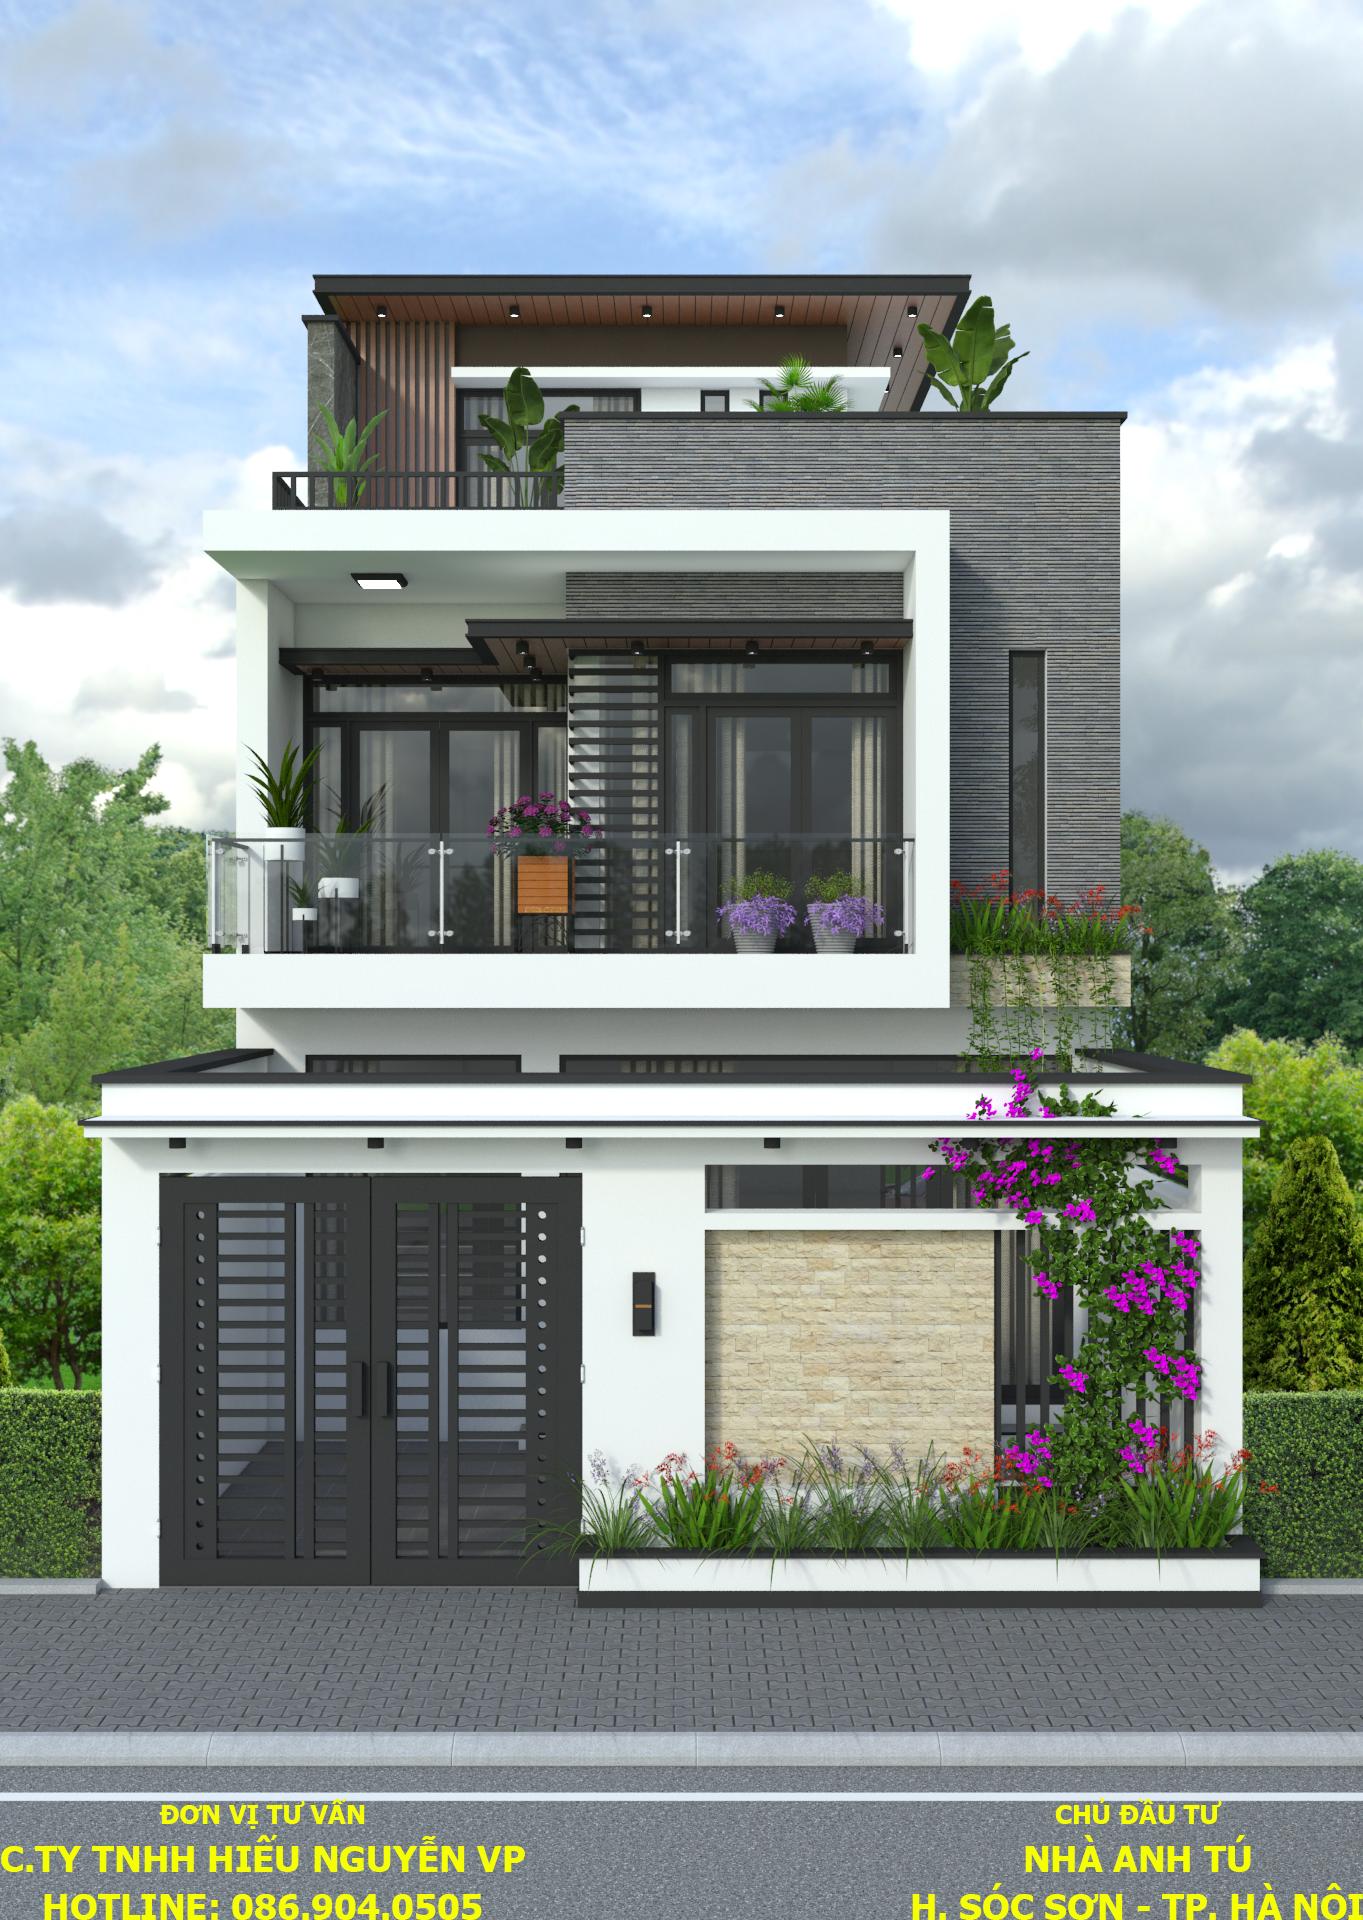 Những mẫu thiết kế nhà đẹp tại Vĩnh Phúc 2019